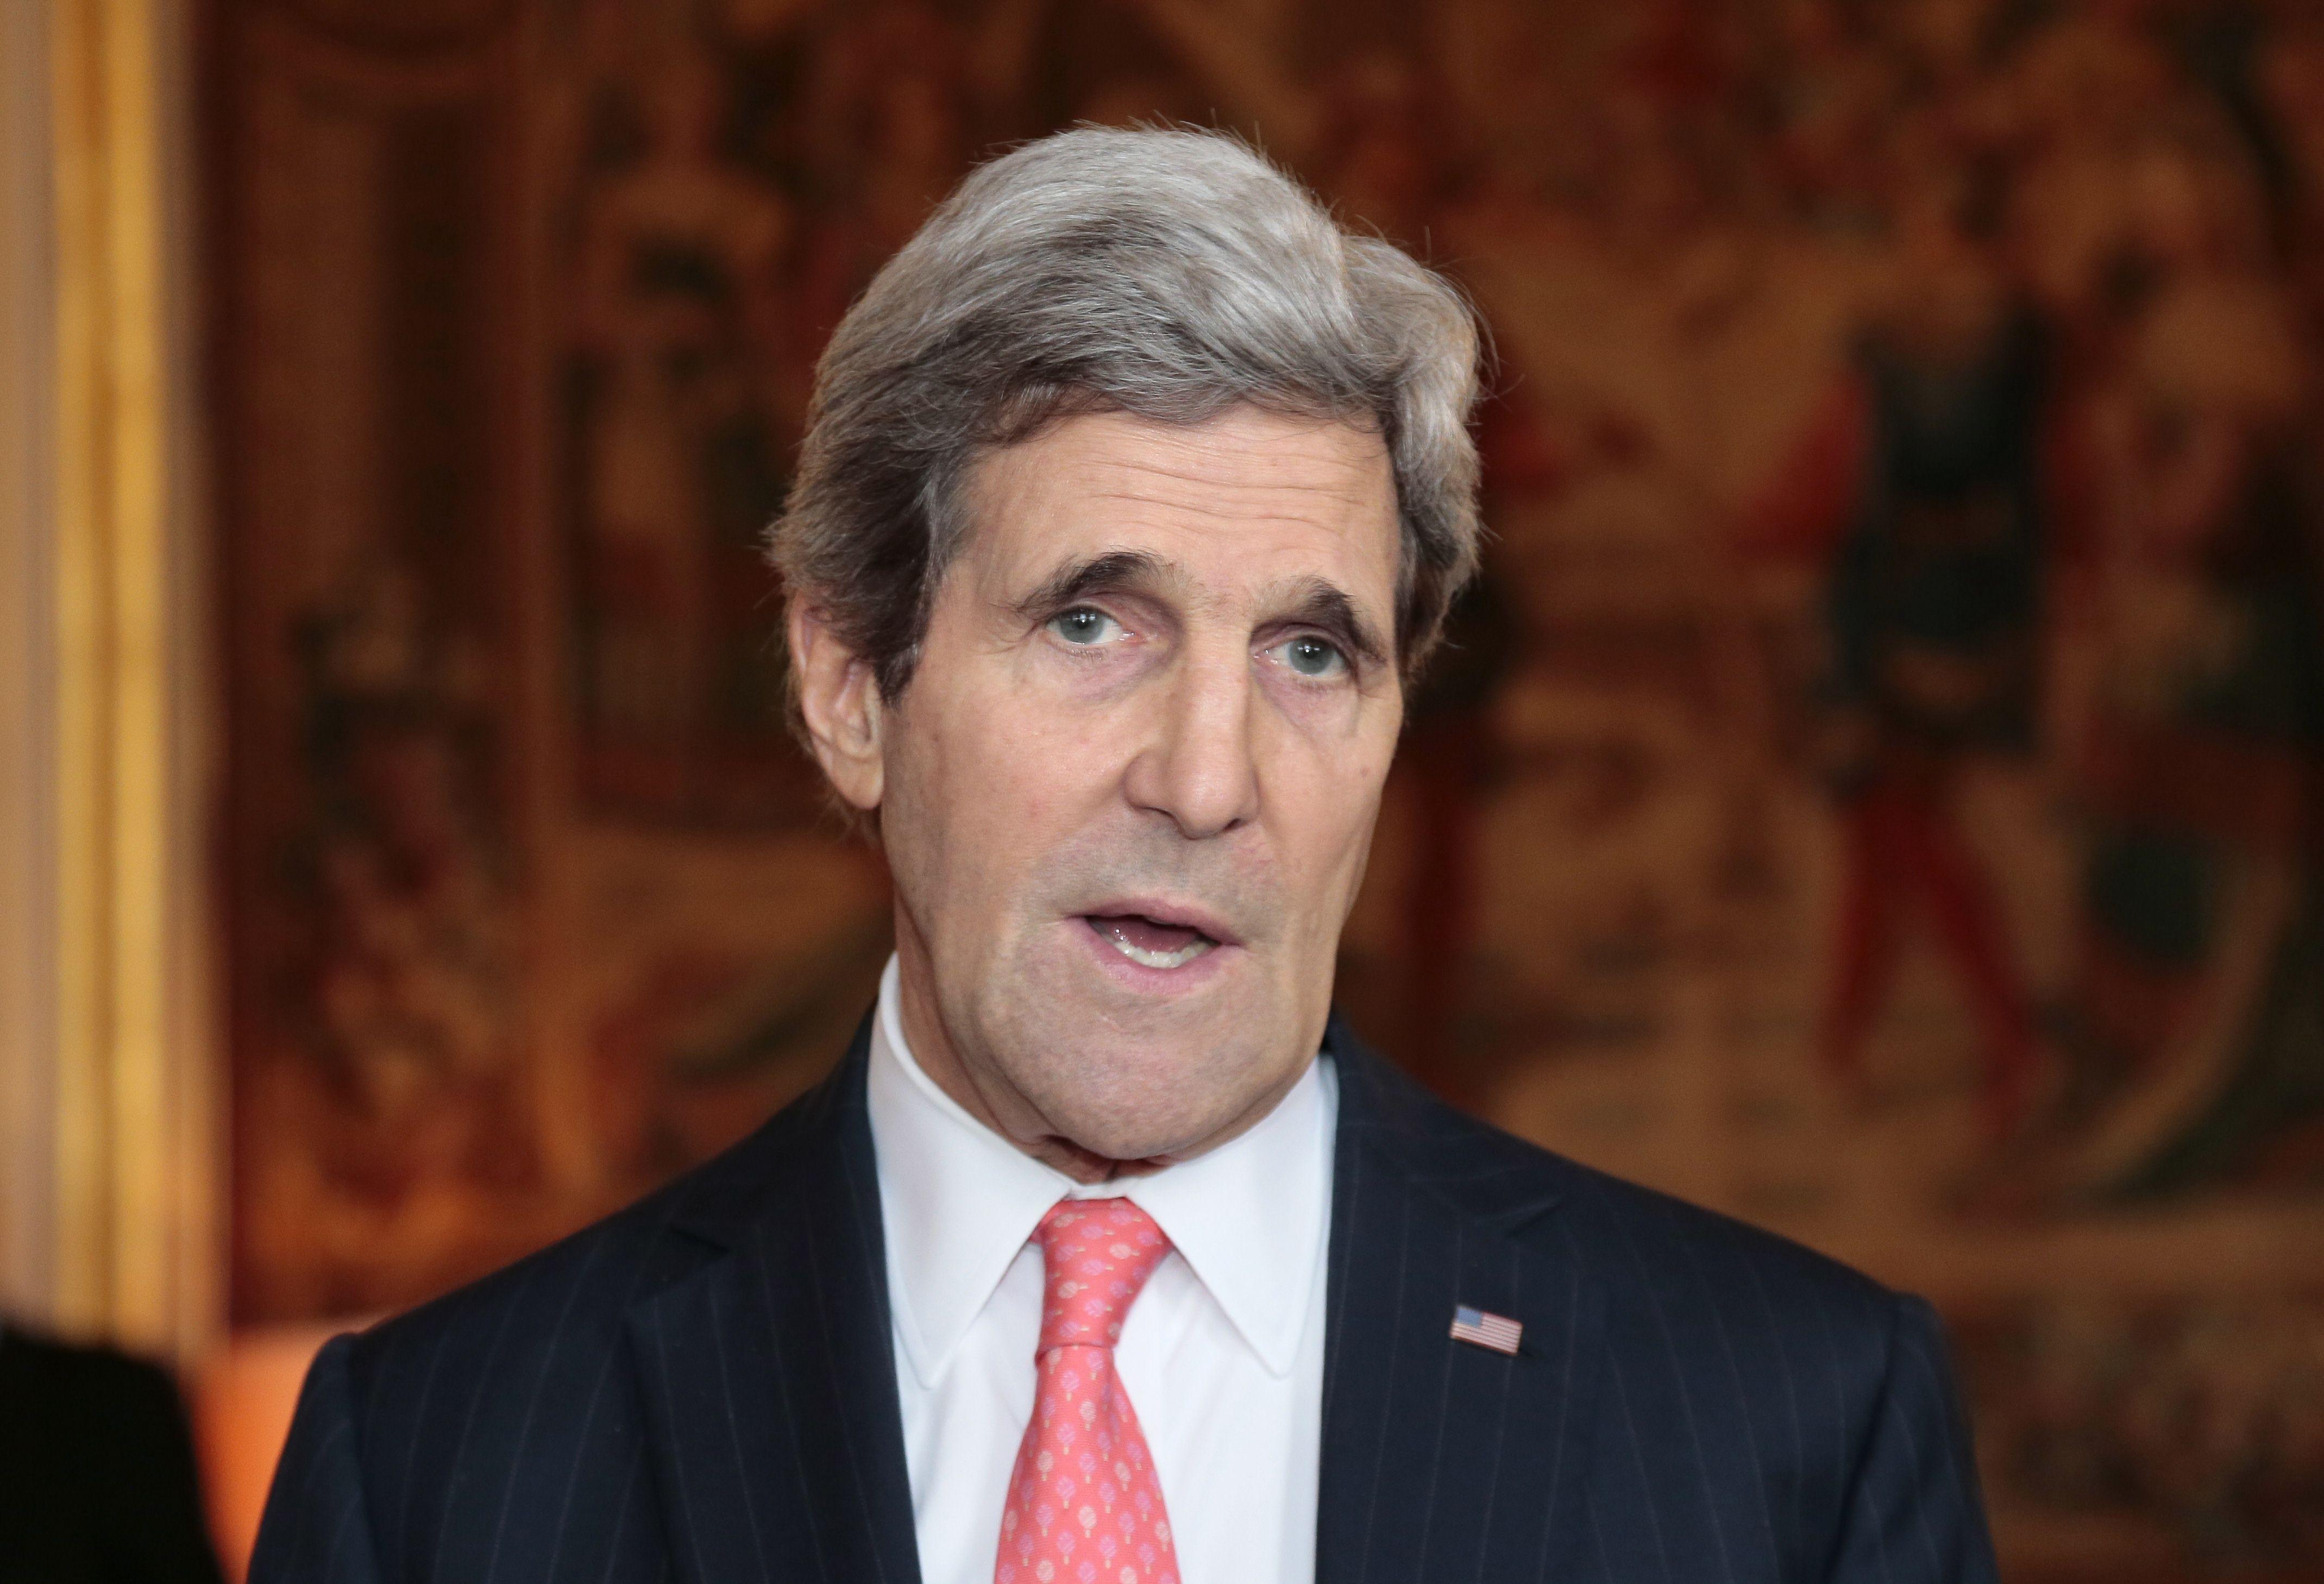 Secretarul american de stat John Kerry, amendat cu 50 de dolari de primaria Bostonului. Ce ilegalitate a comis oficialul SUA